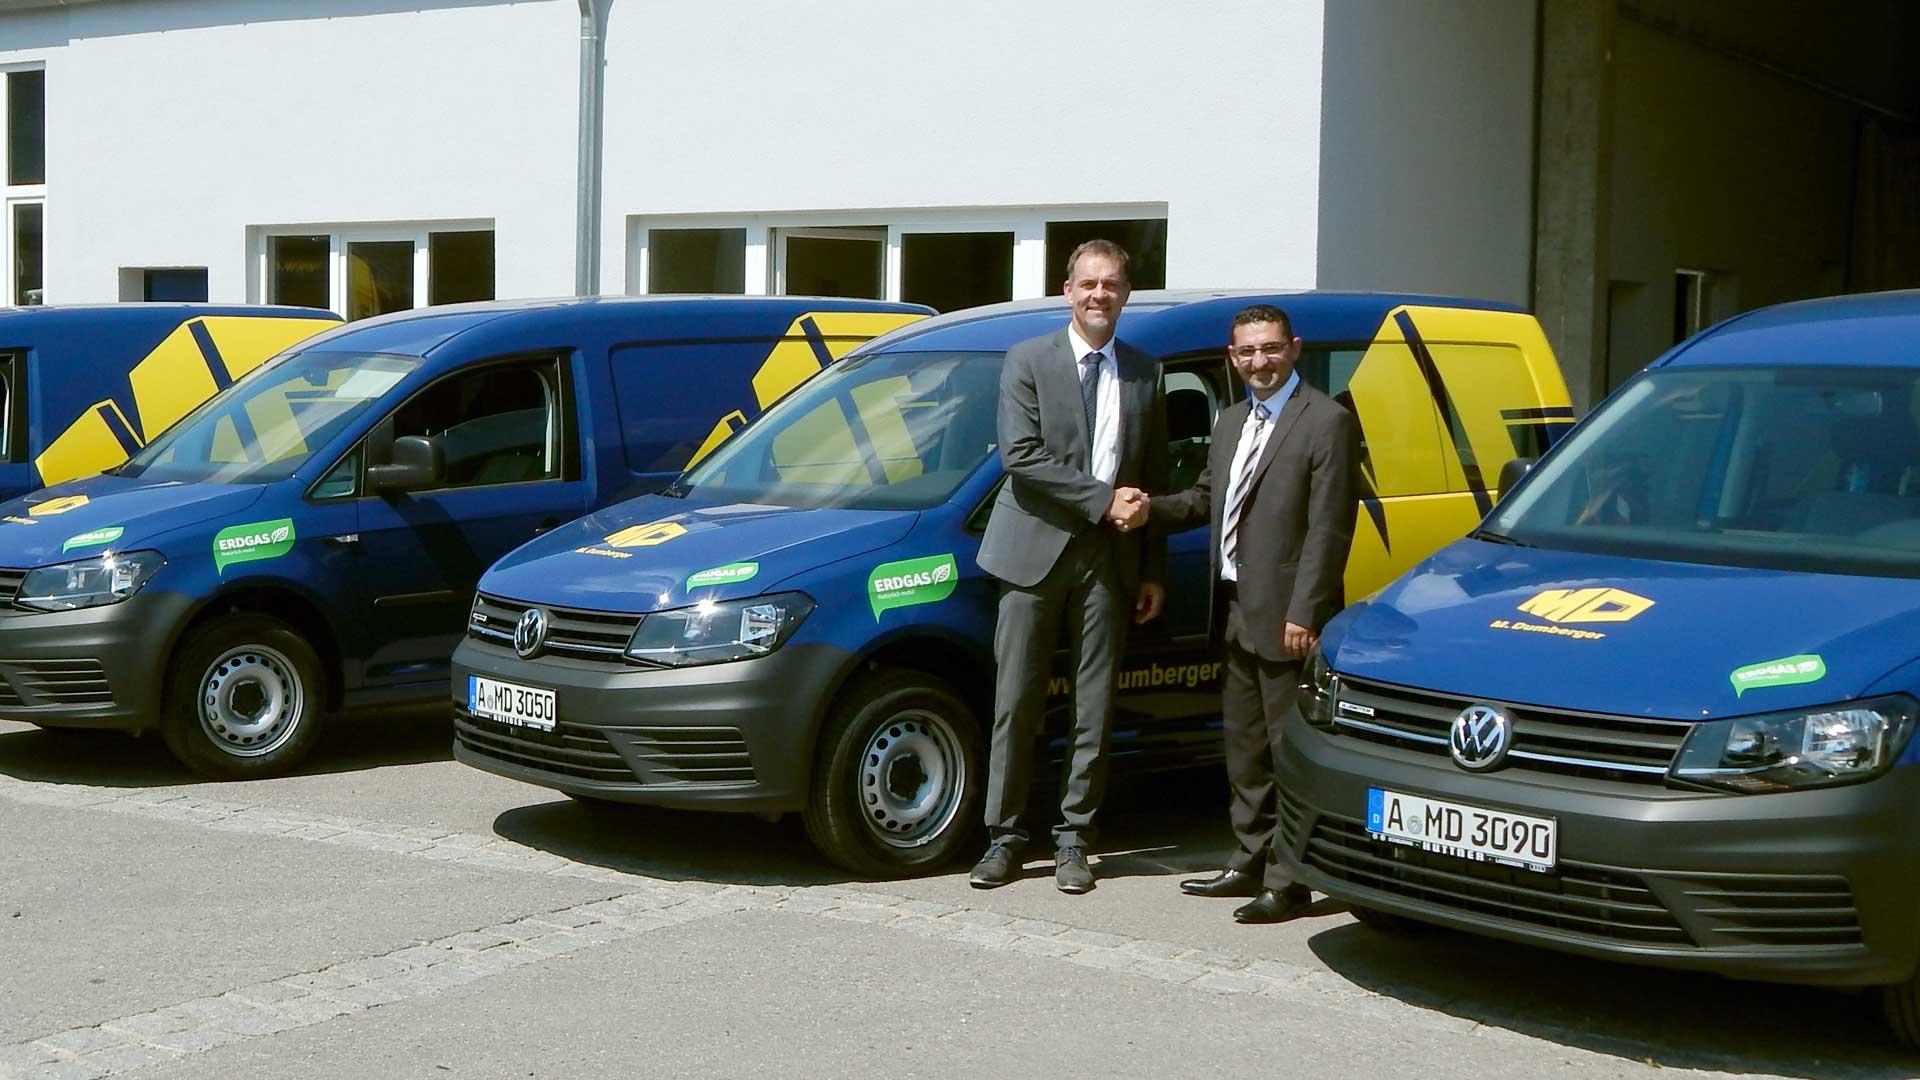 Jens Dammer (Erdgas Schwaben) und Oguz Alver (M. Dumberger) bei der Auslieferung der neuen Erdgasfahrzeuge